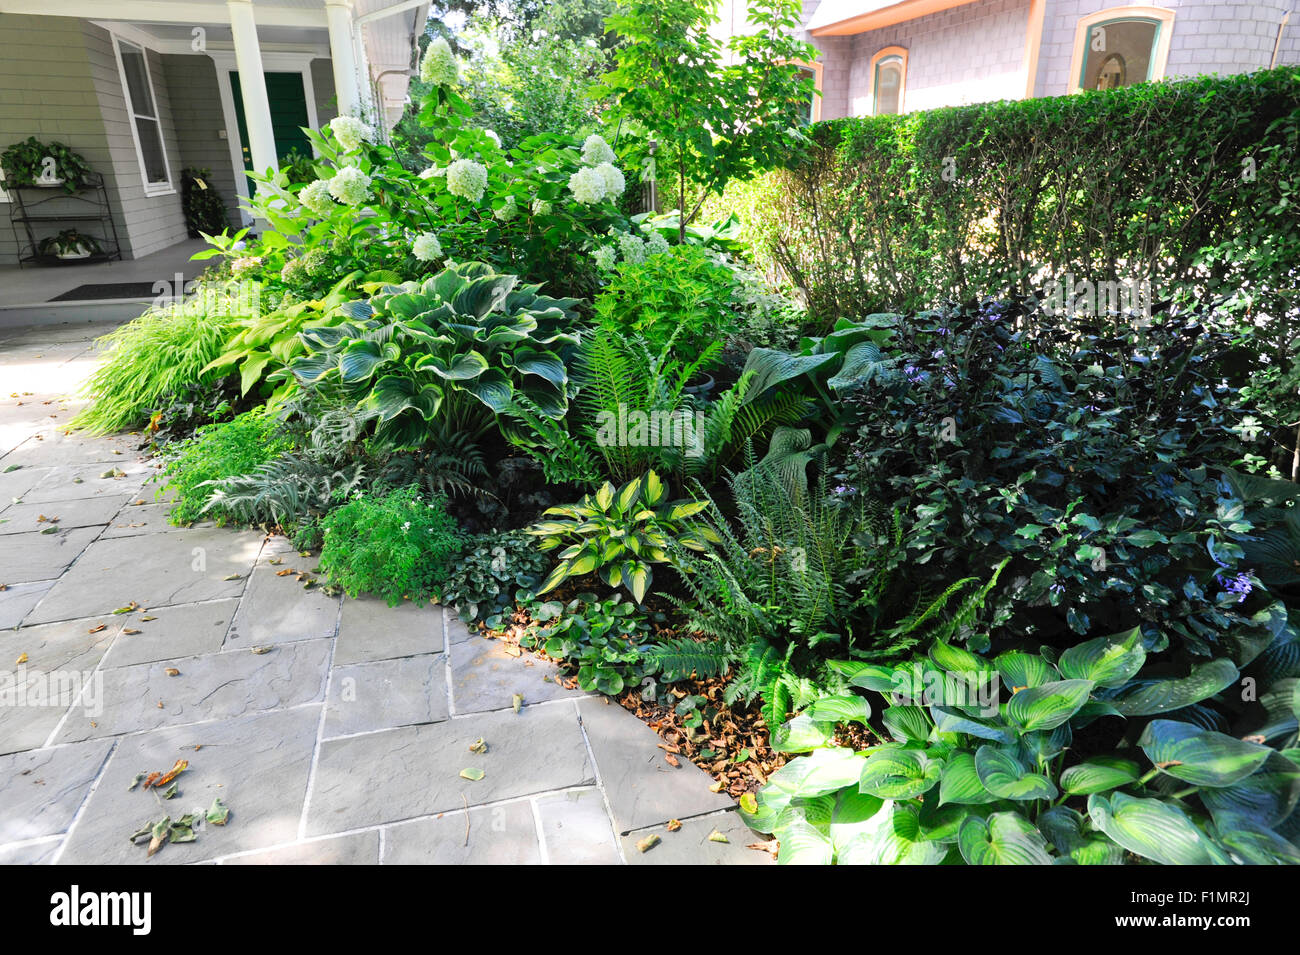 Shade garden of perennials, Connecticut - Stock Image